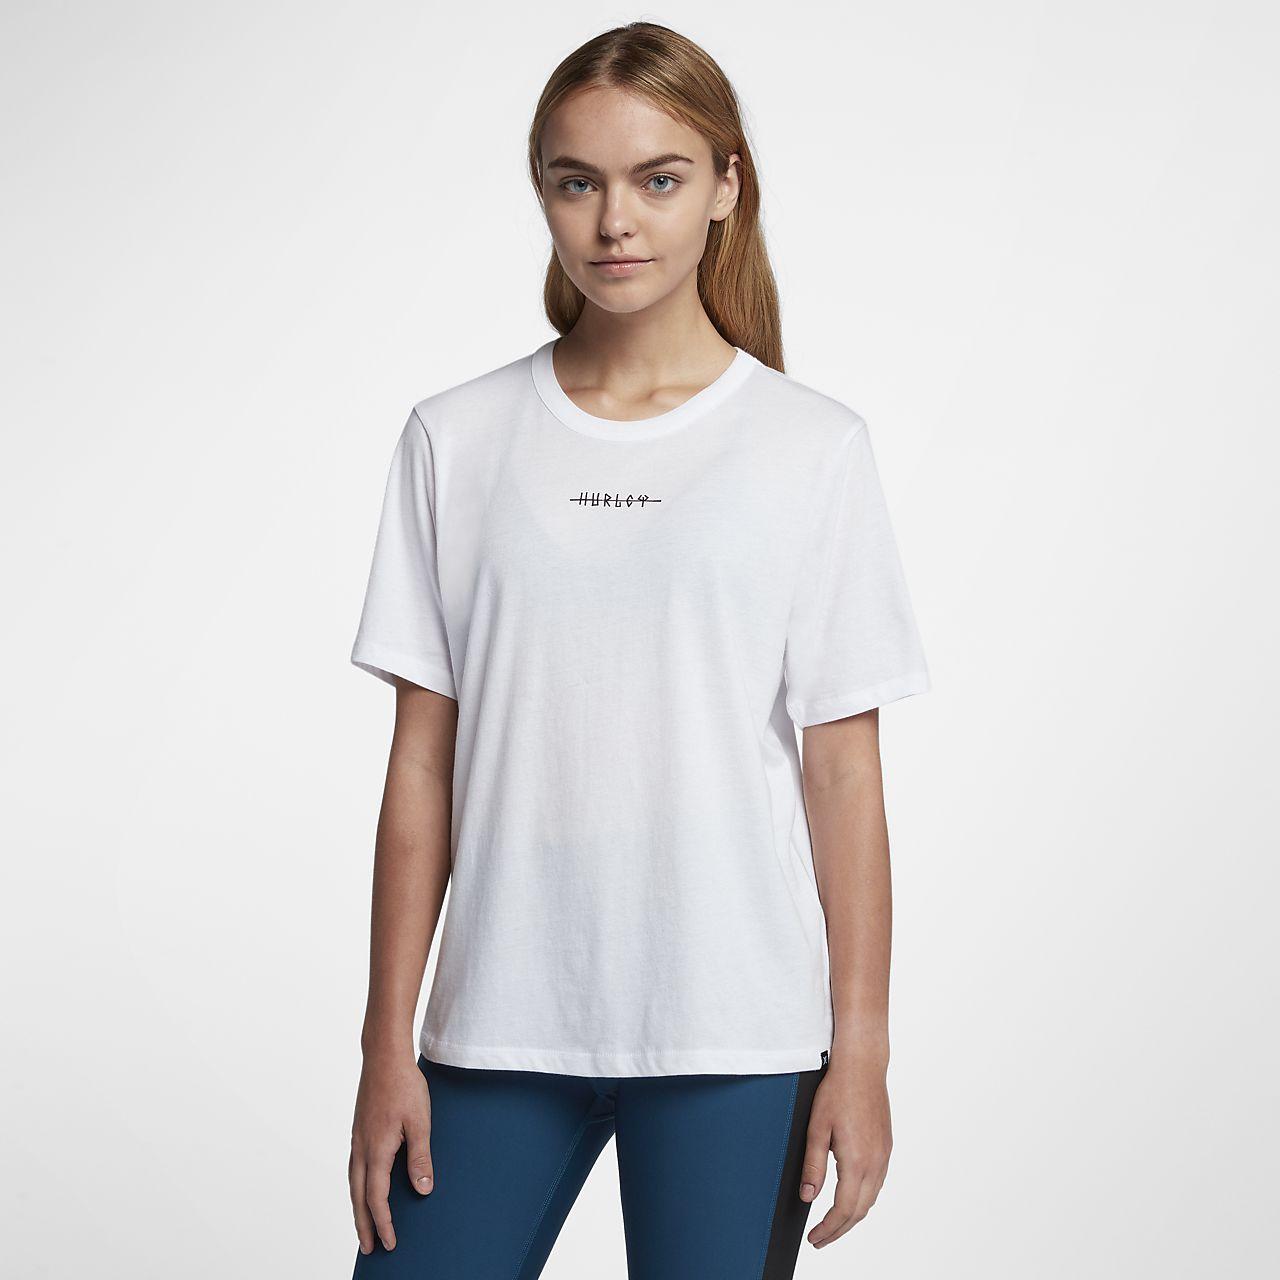 Hurley Island Ties Perfect Crew T-shirt voor dames